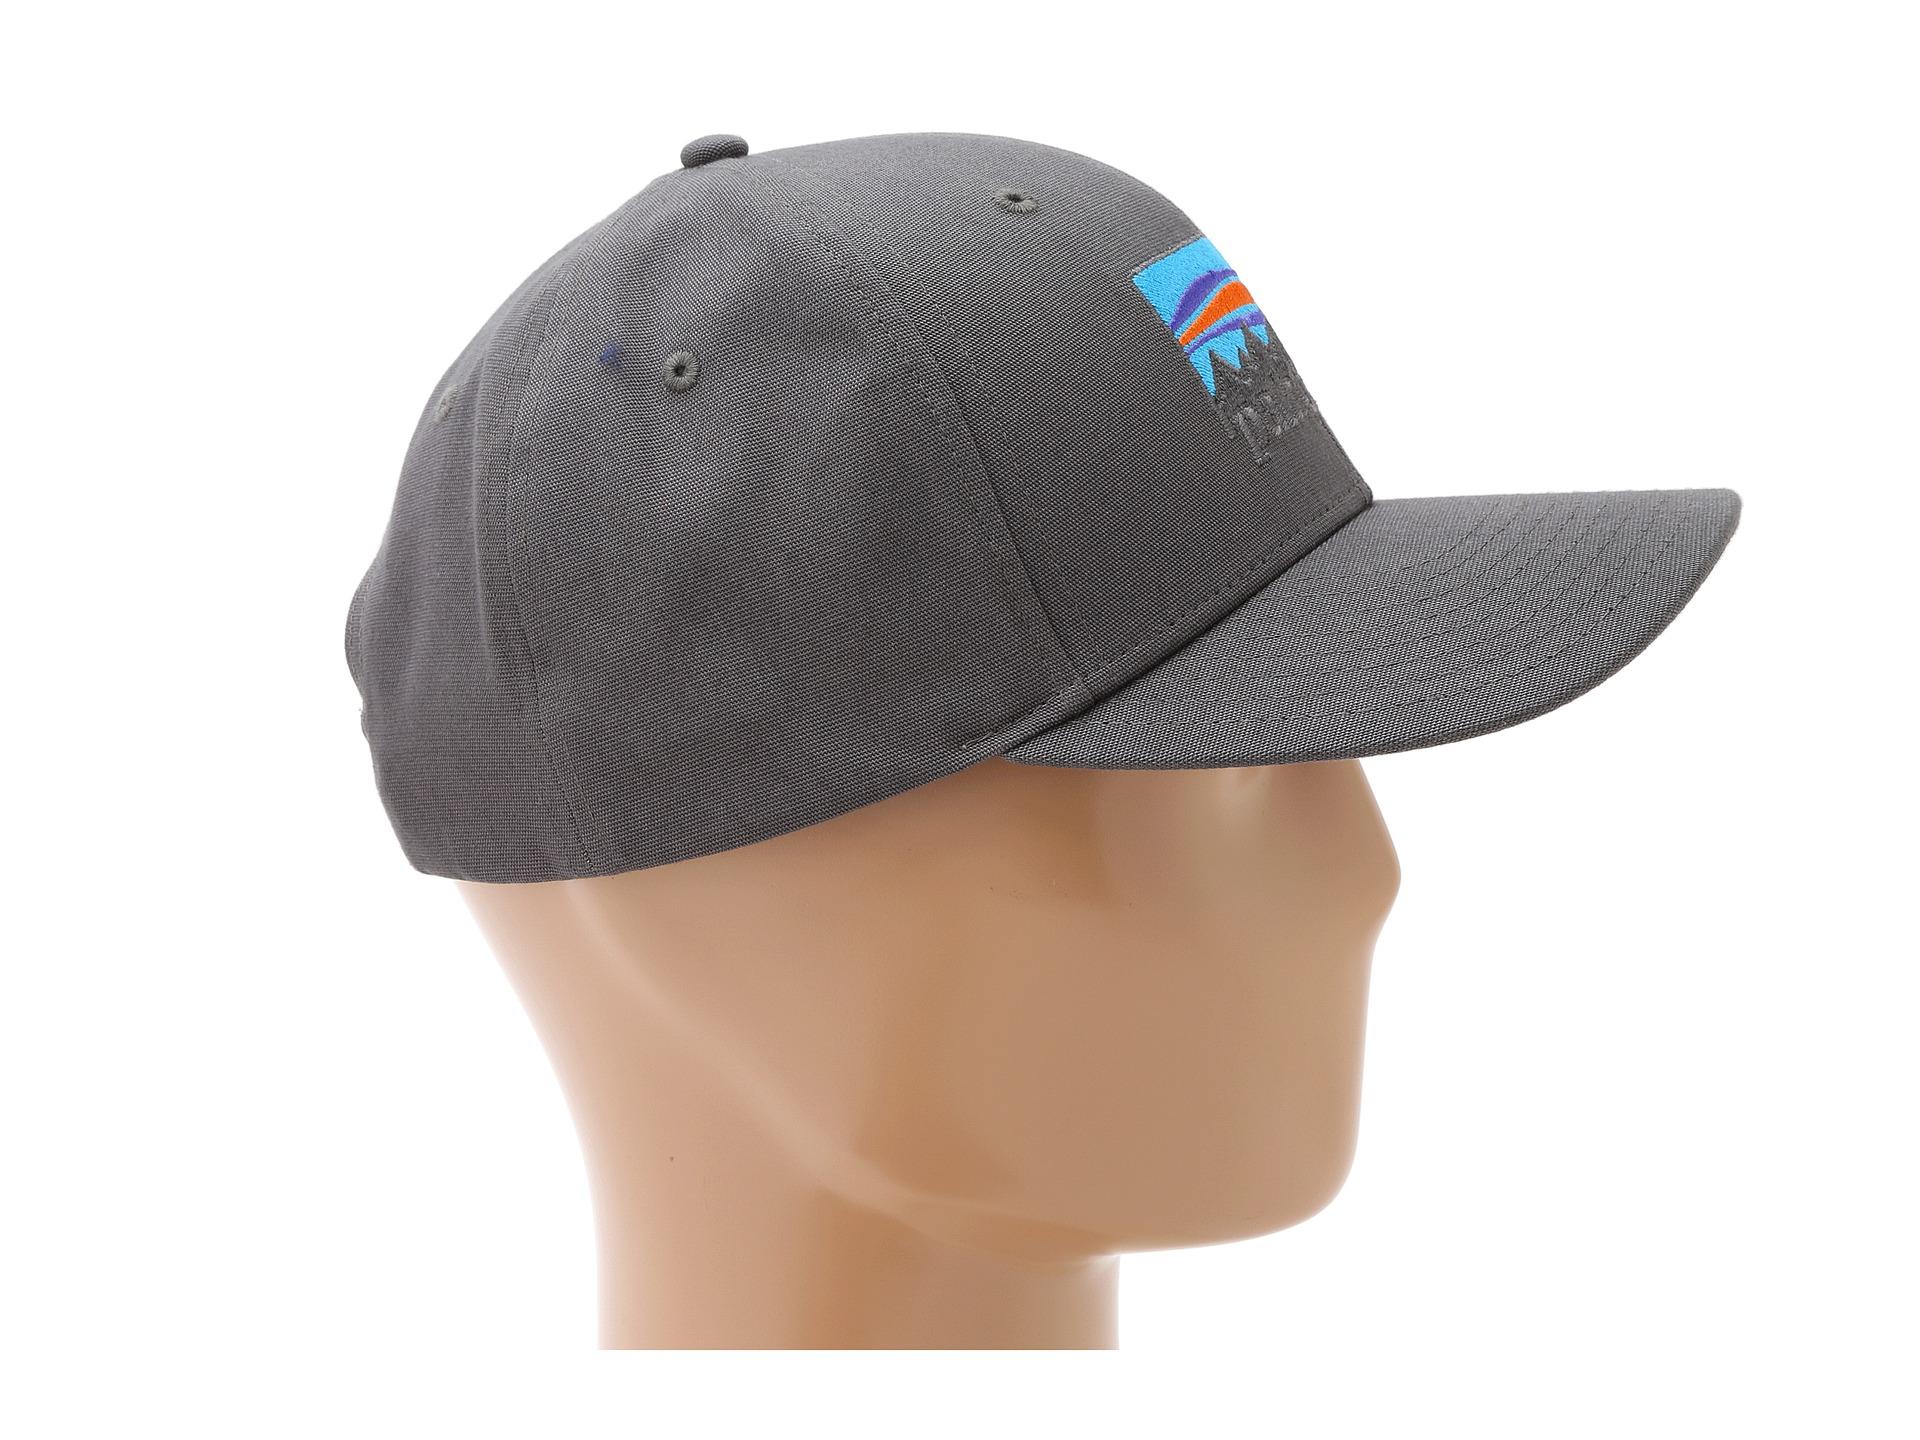 Patagonia Roger That Hat 4dcd396b9c2